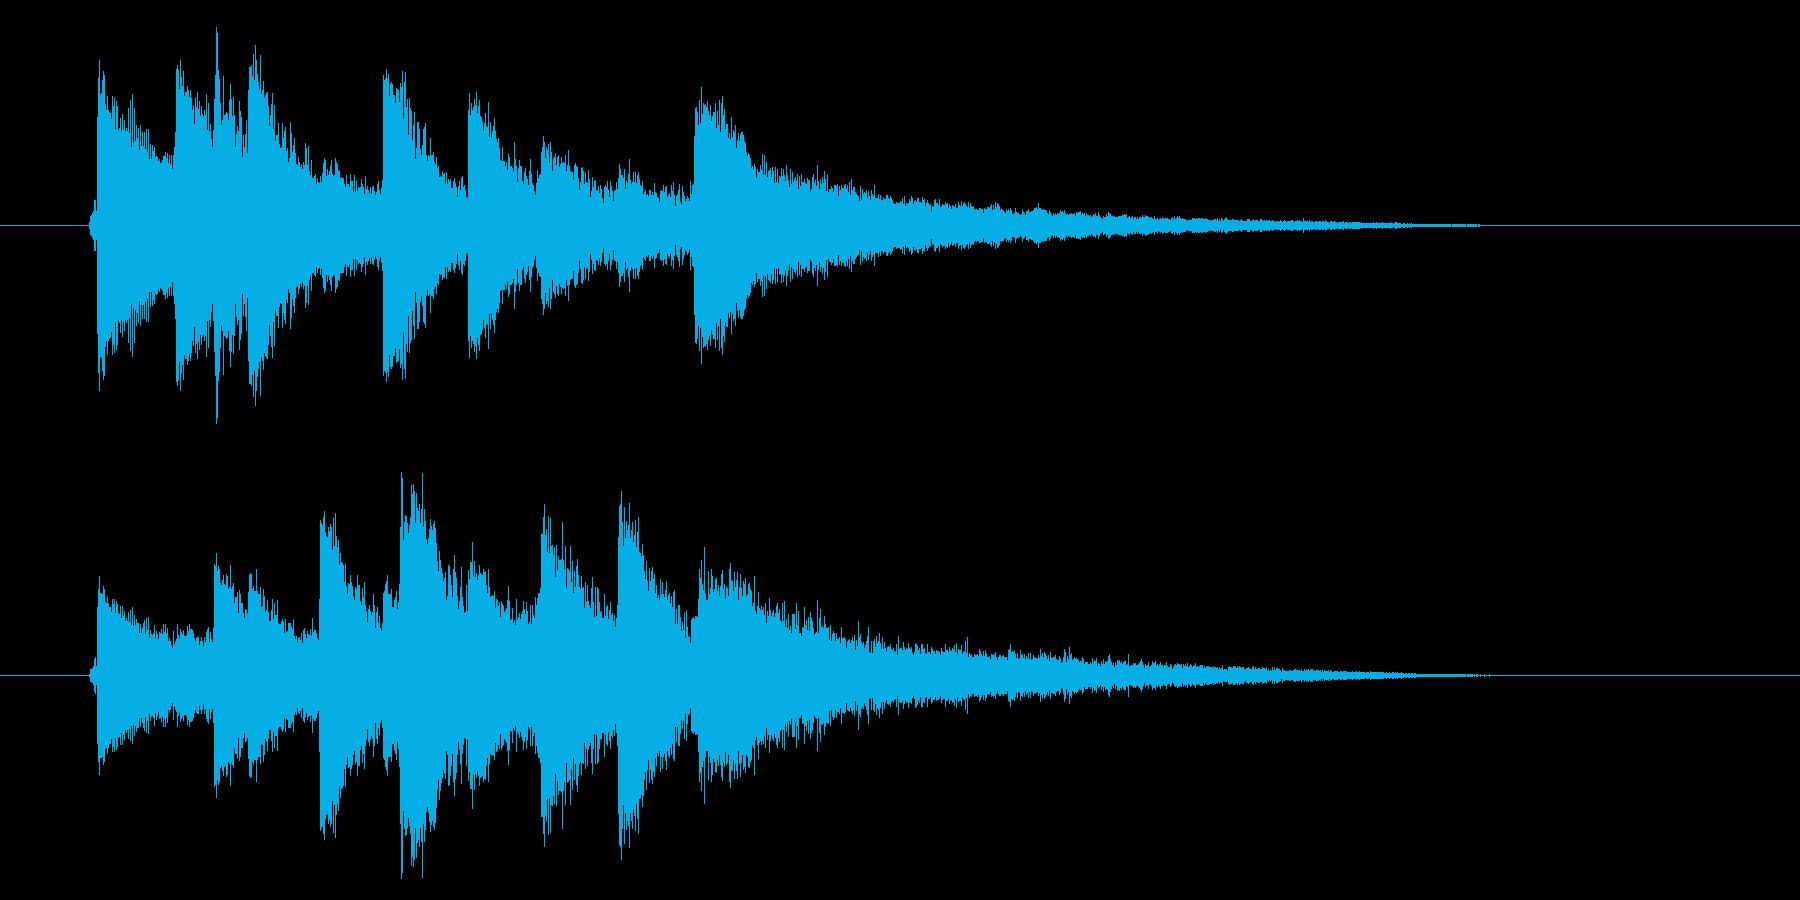 民族音楽風弦楽器サウンド(番組、ゲーム)の再生済みの波形